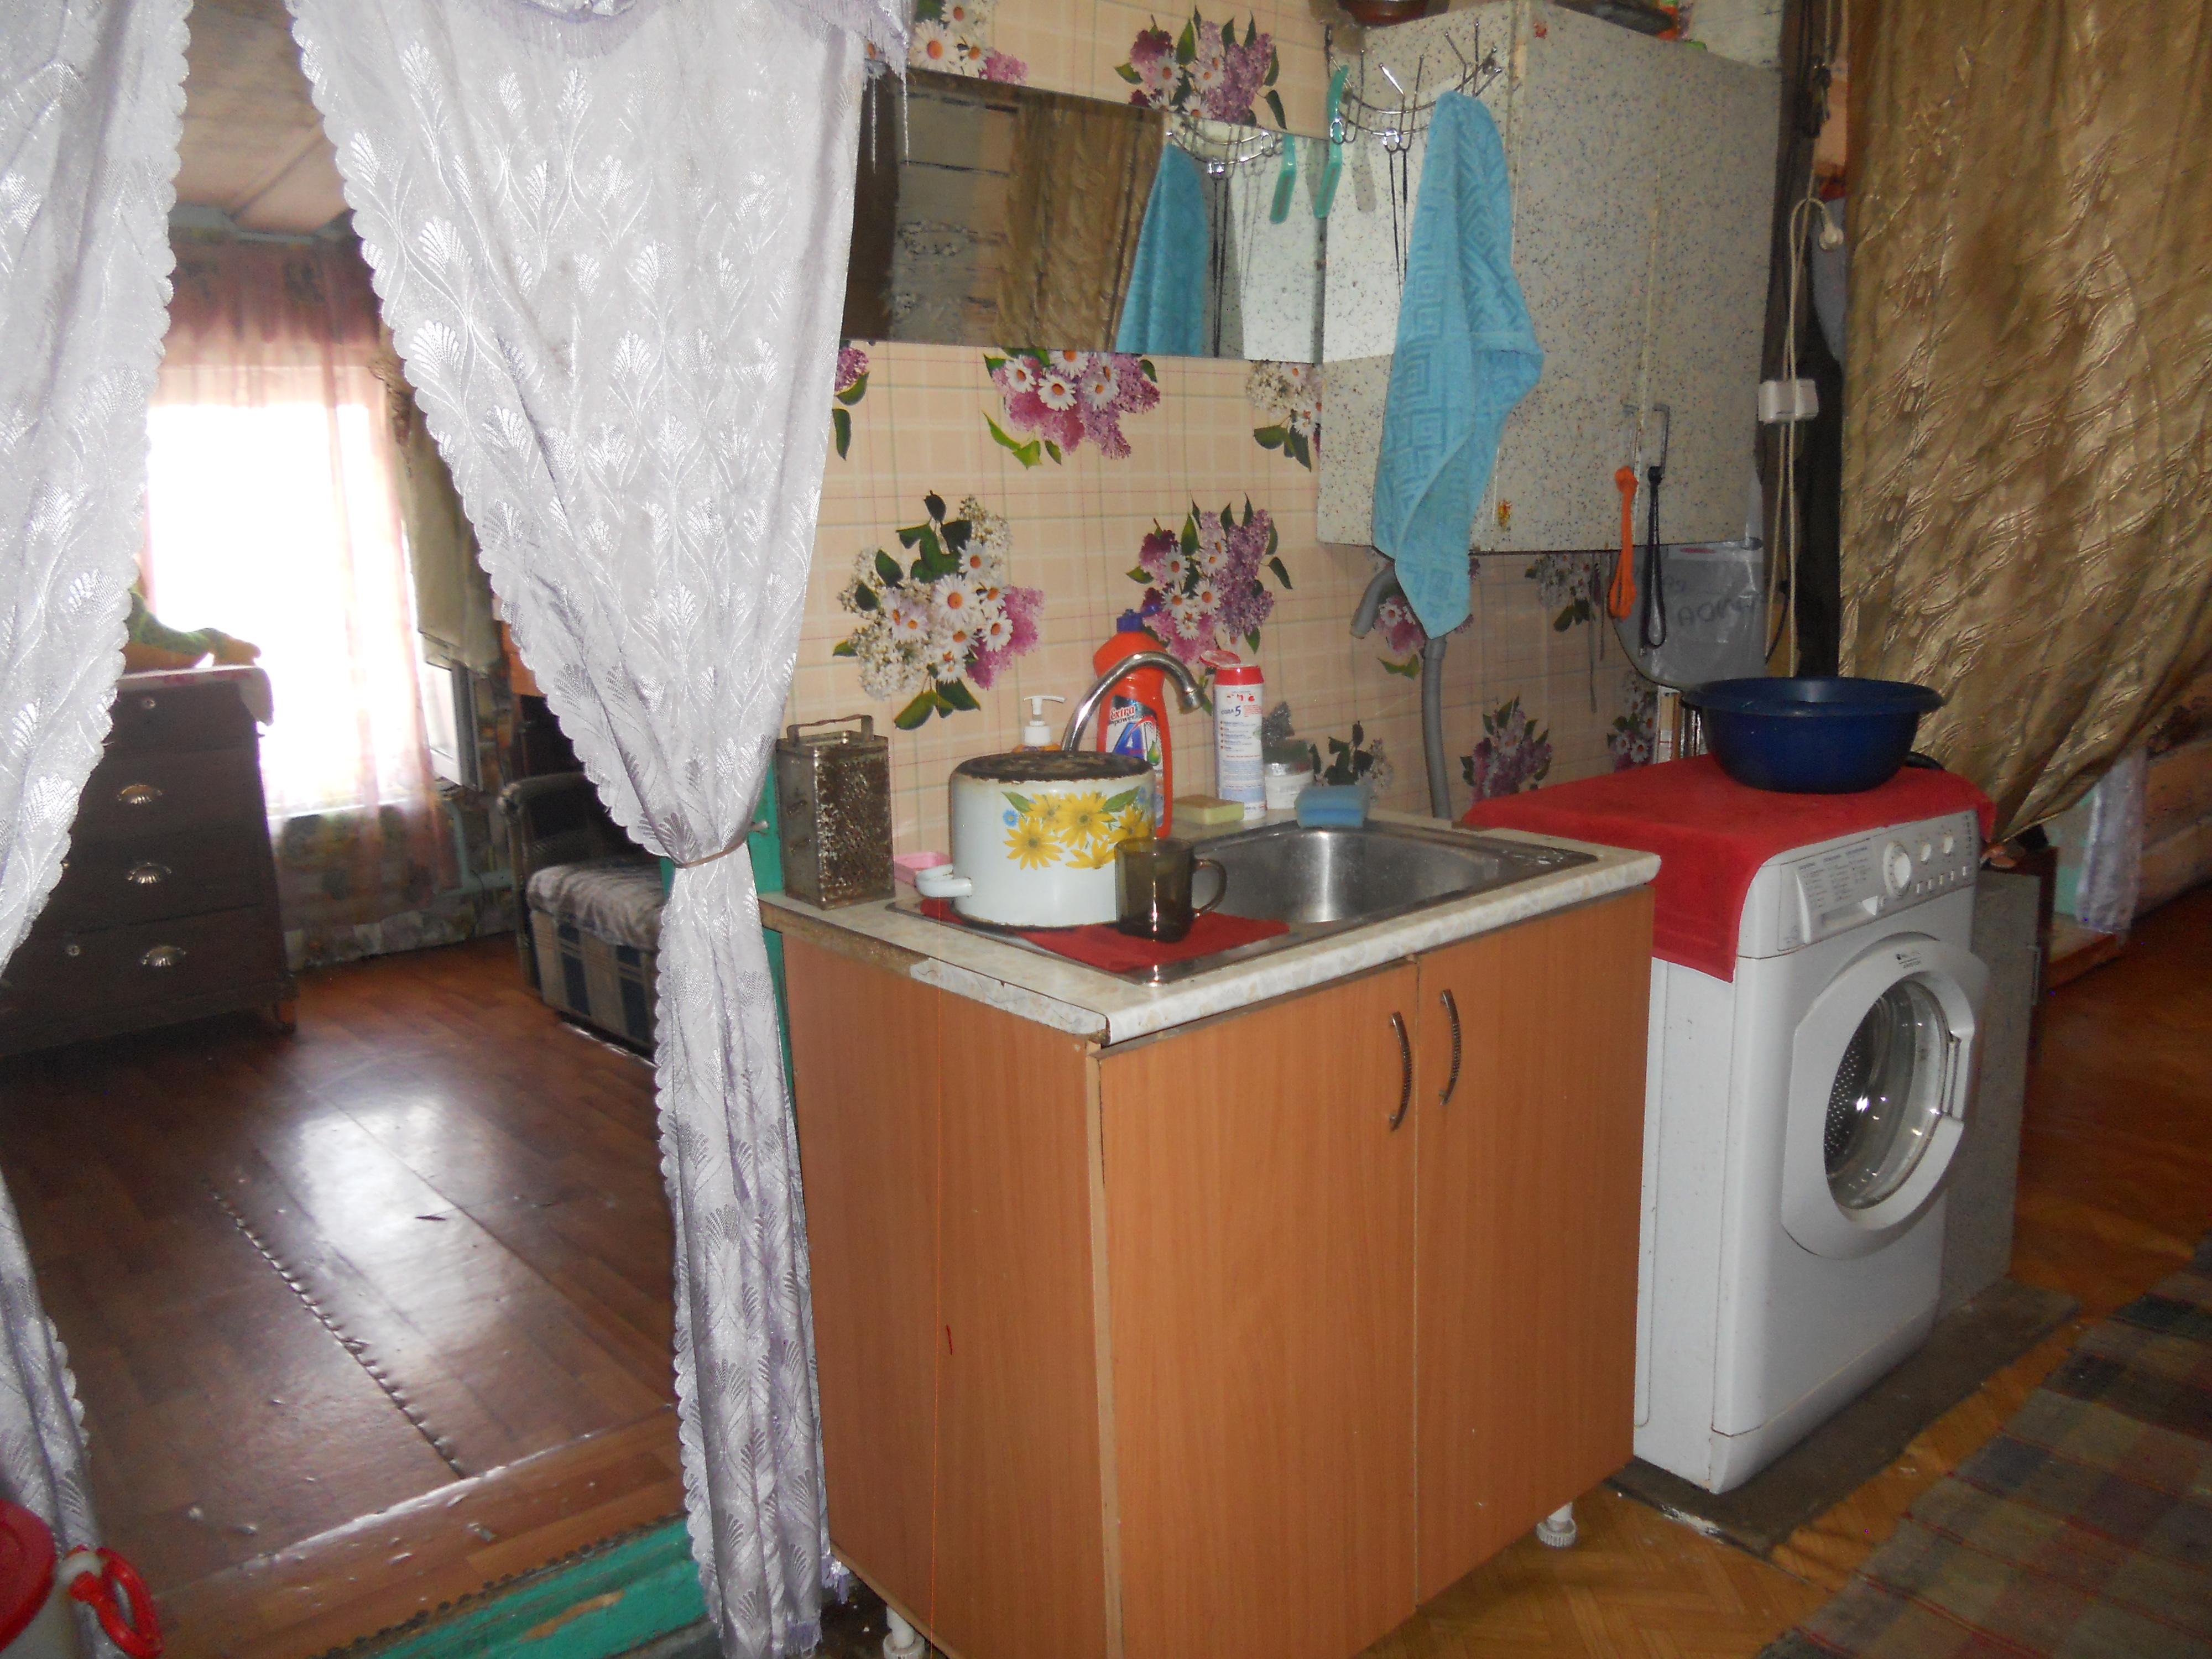 Дом на продажу по адресу Россия, Алтайский край, р-н. Павловский, с. Солоновка, ул. Коммунаров